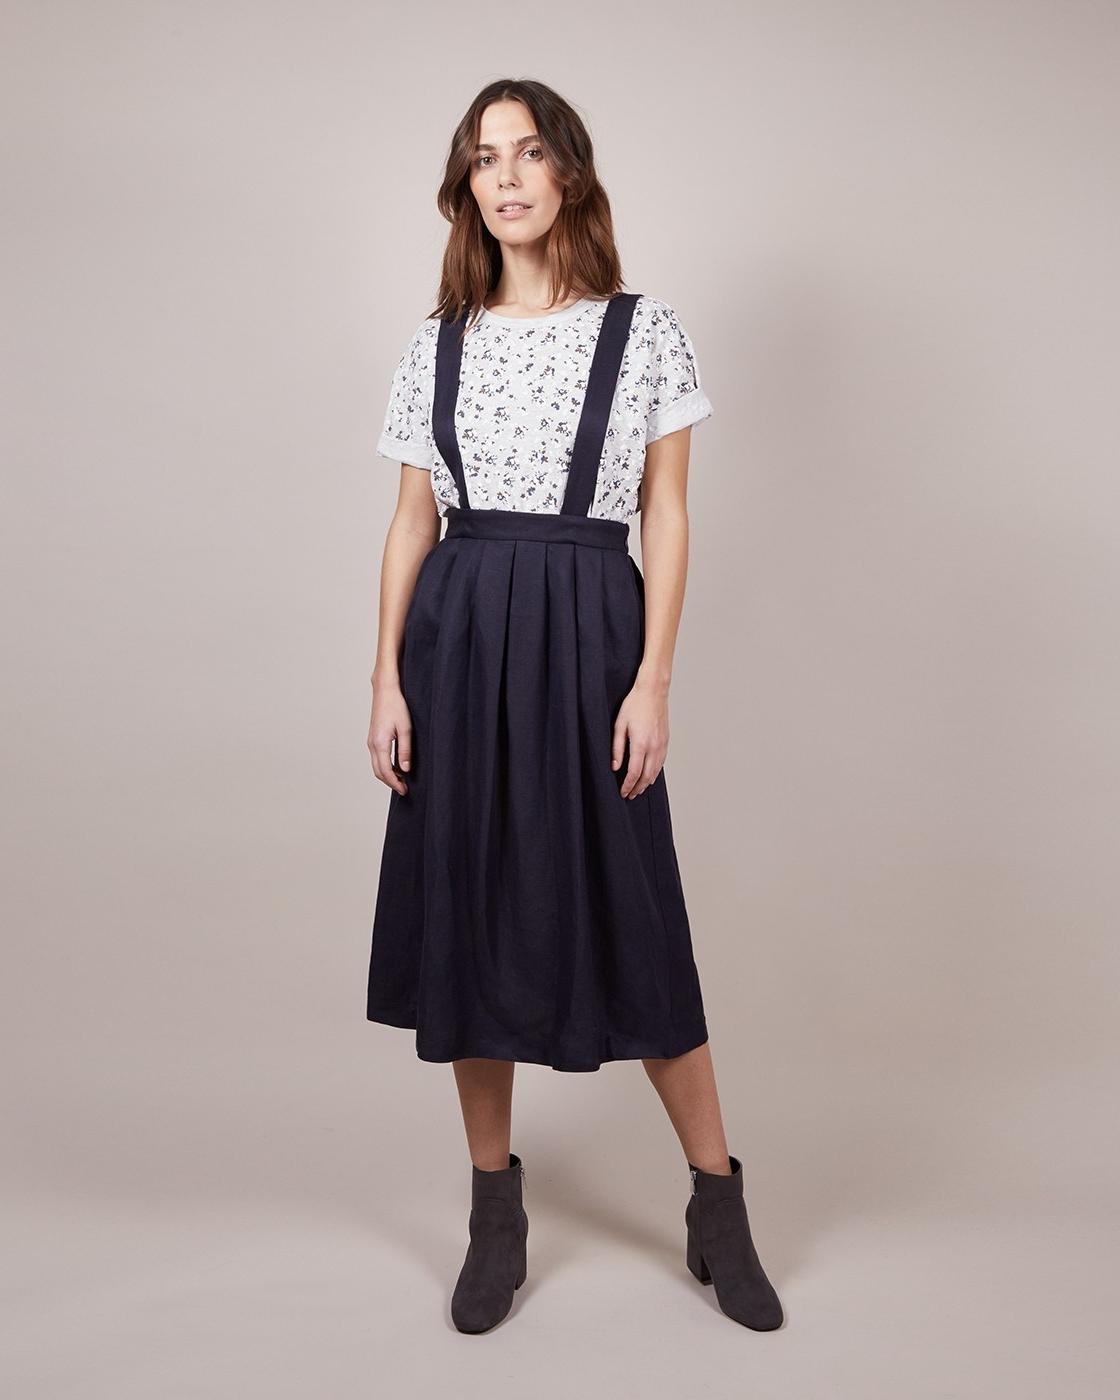 skirt-elene.jpg